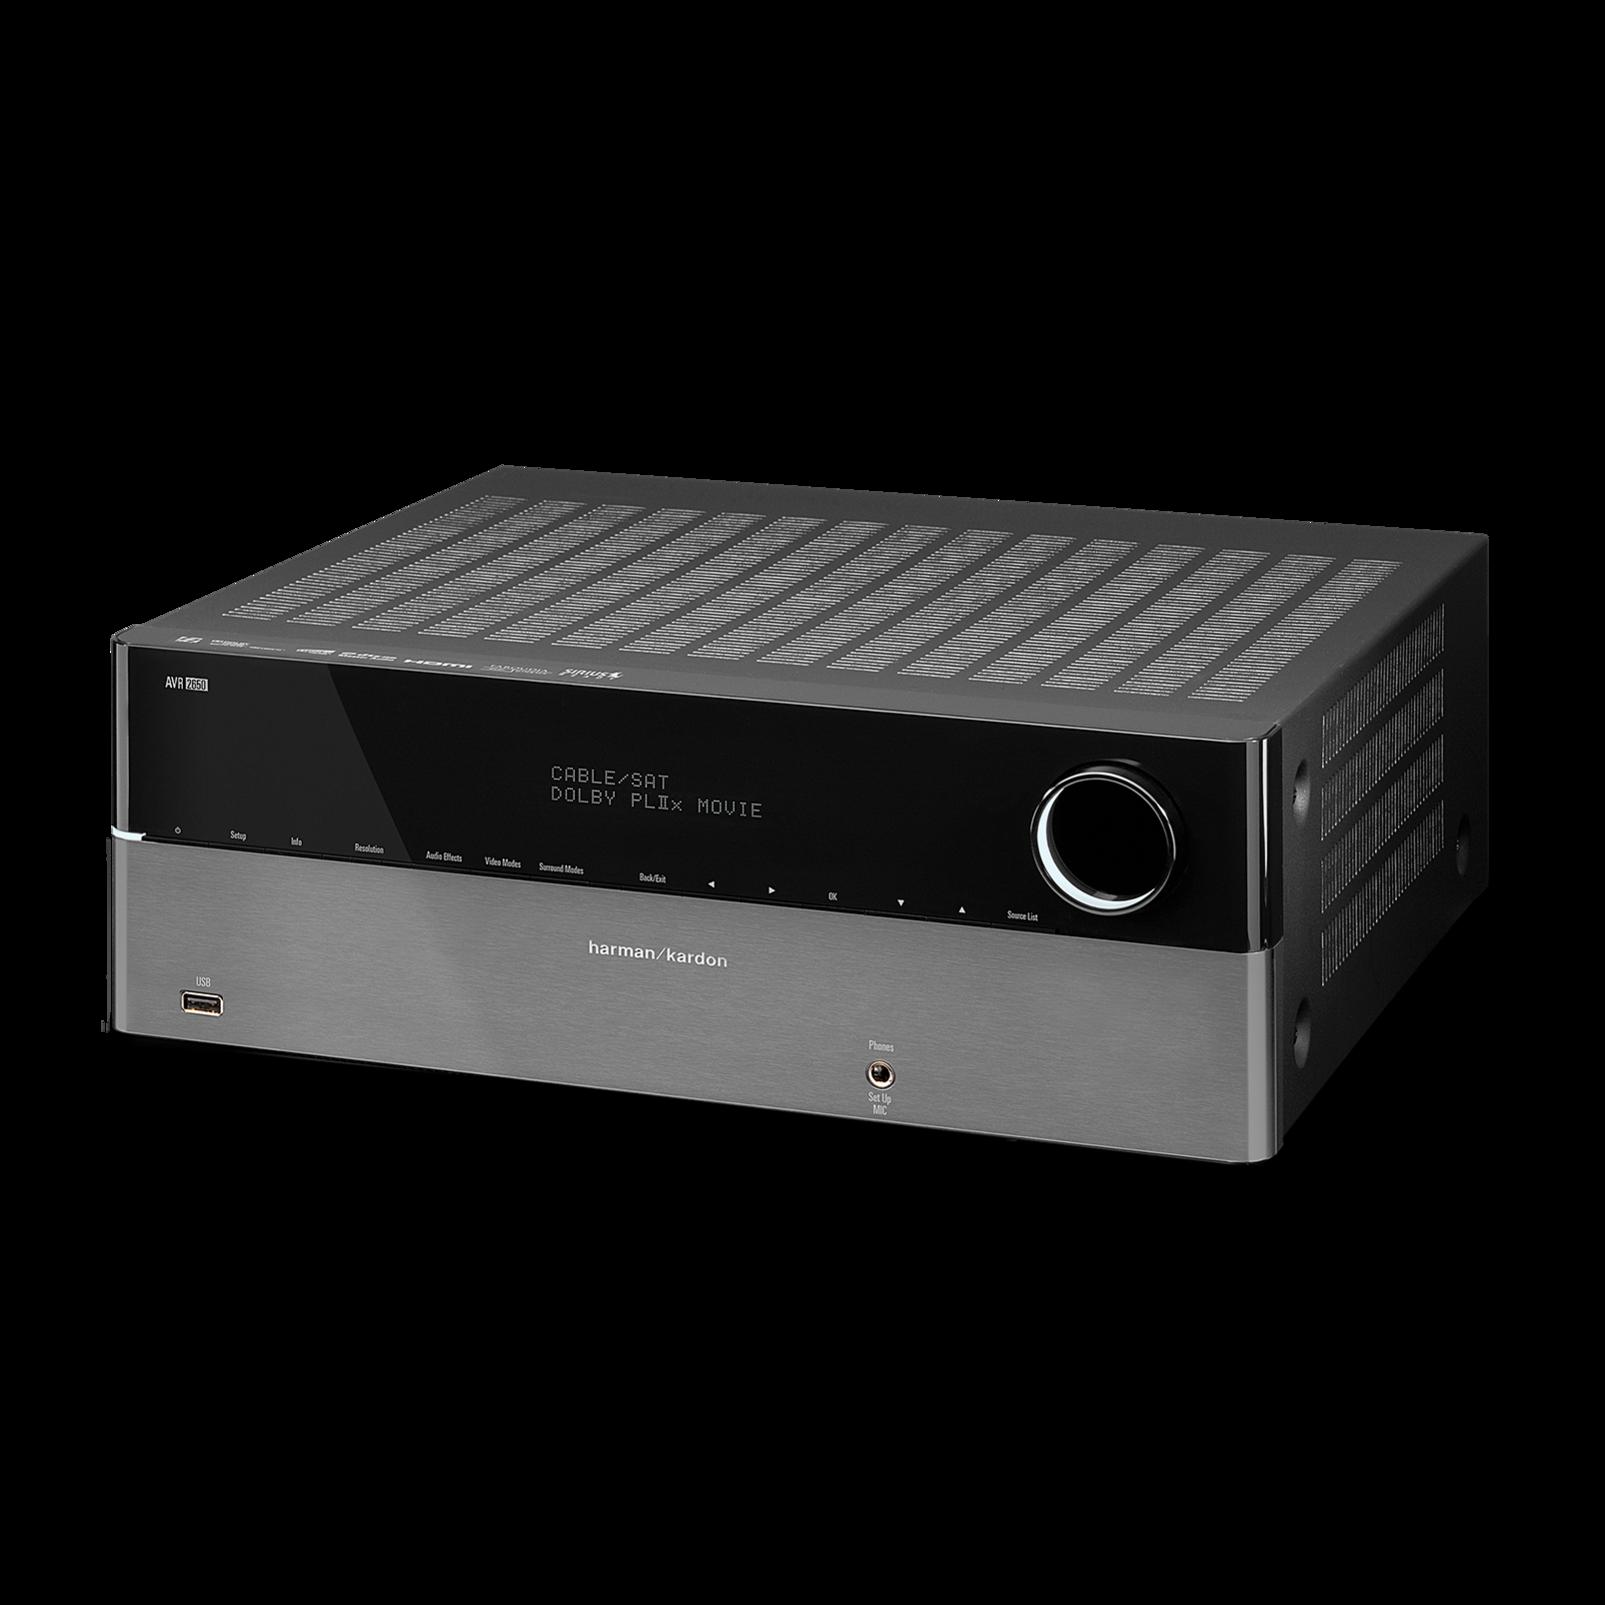 harman kardon avr2650 7 1 channel av receiver service manual